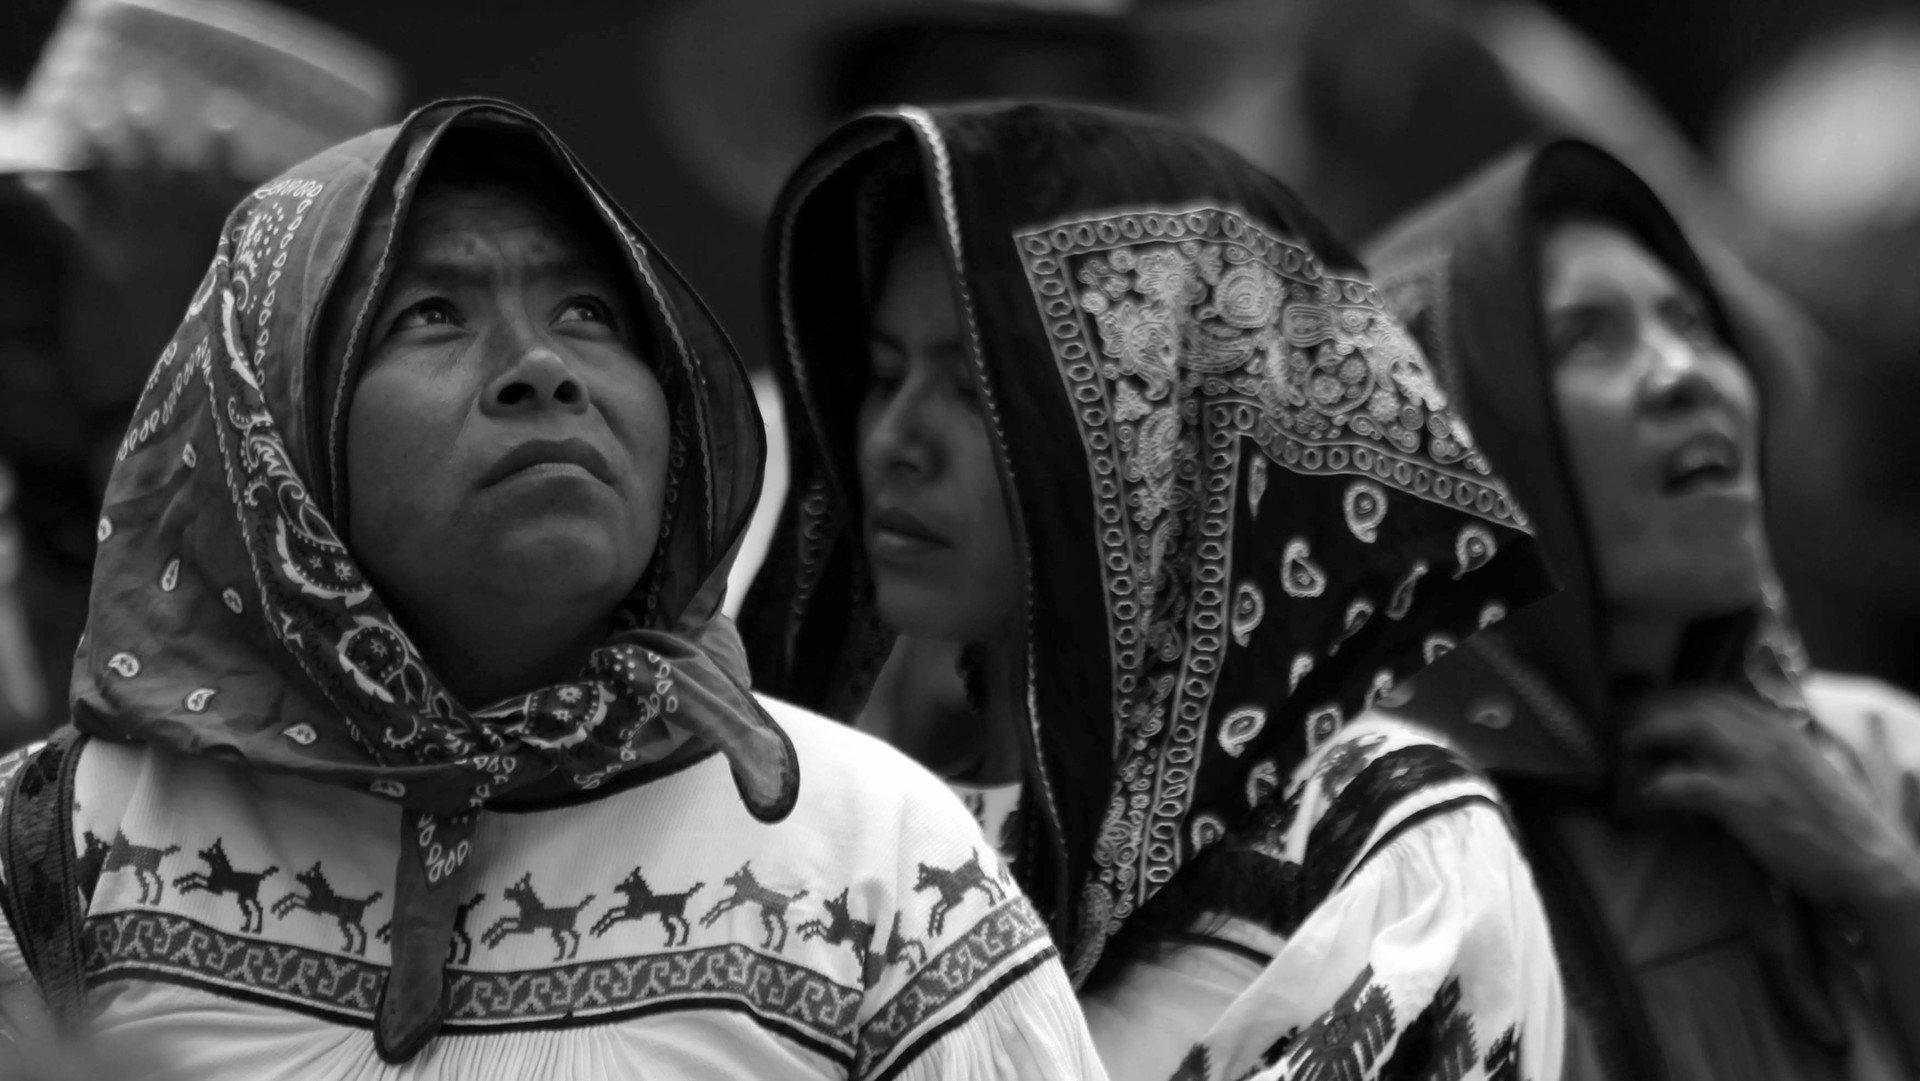 Indígenas en México y Perú (II): entre el miedo, los despojos y la criminalización